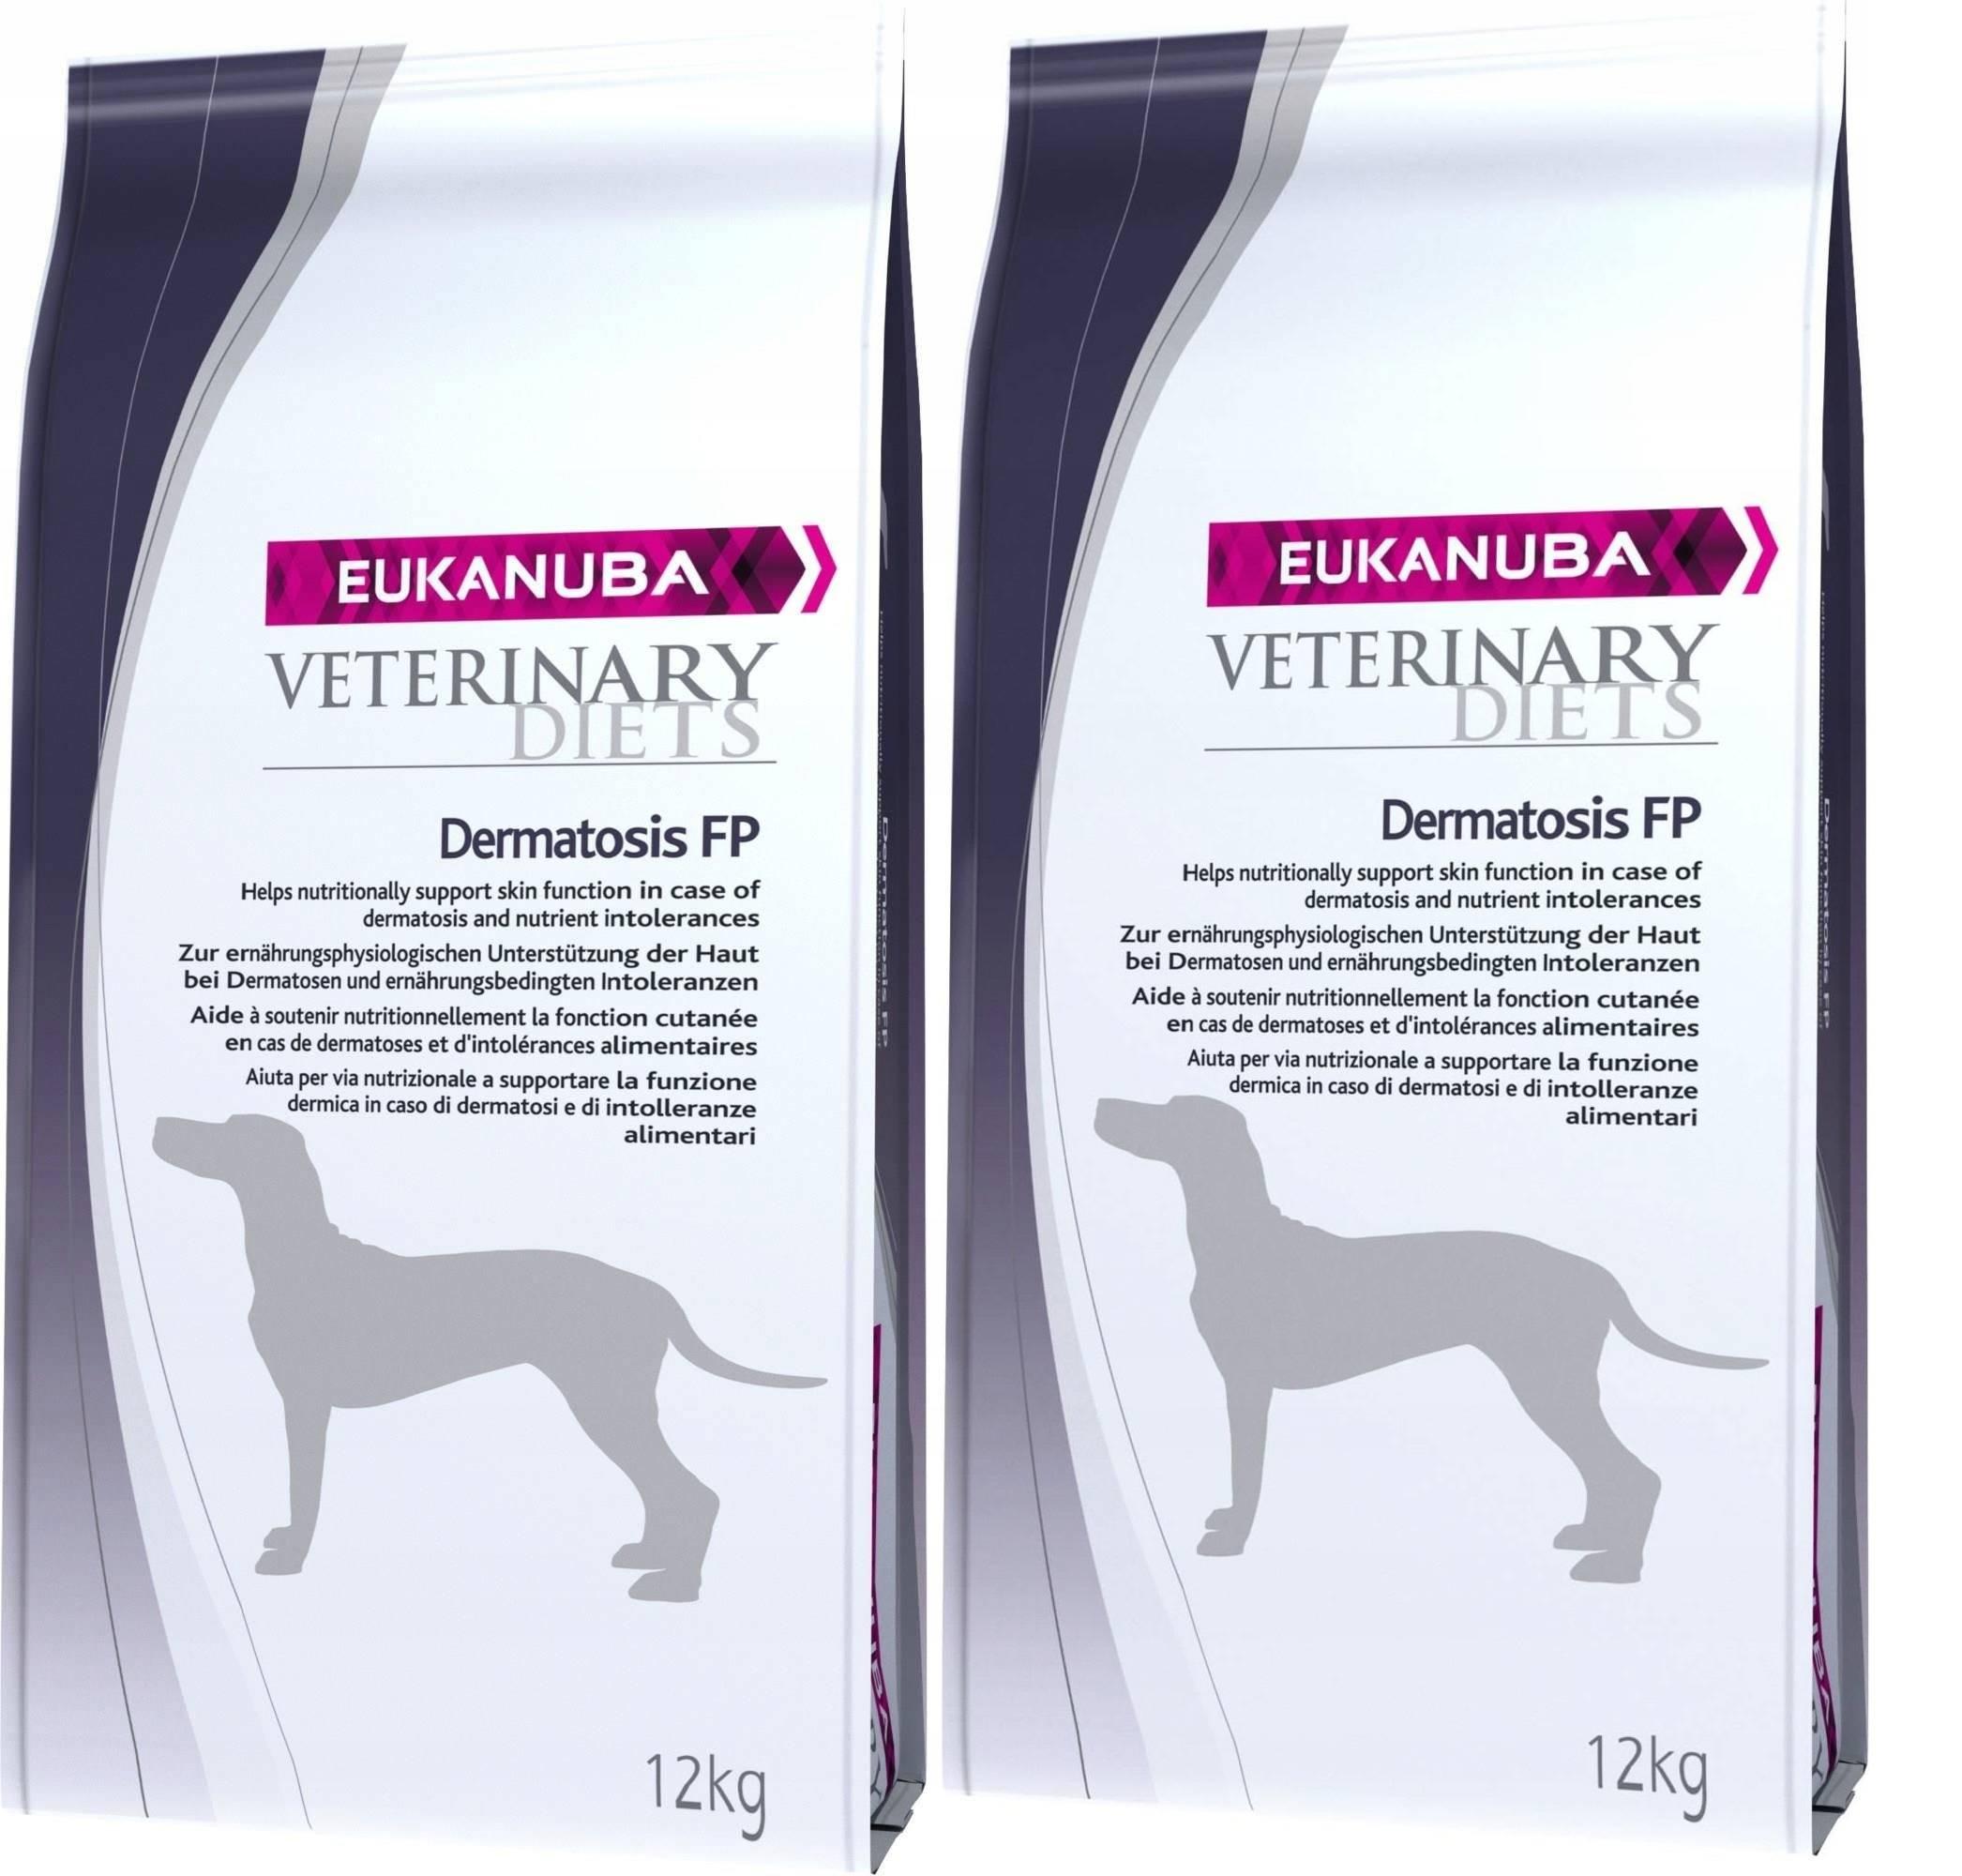 Корм eukanuba для собак и кошек, цены на корм премиум класса - купить с доставкой в москве в интернет магазине кормовозоф.ру